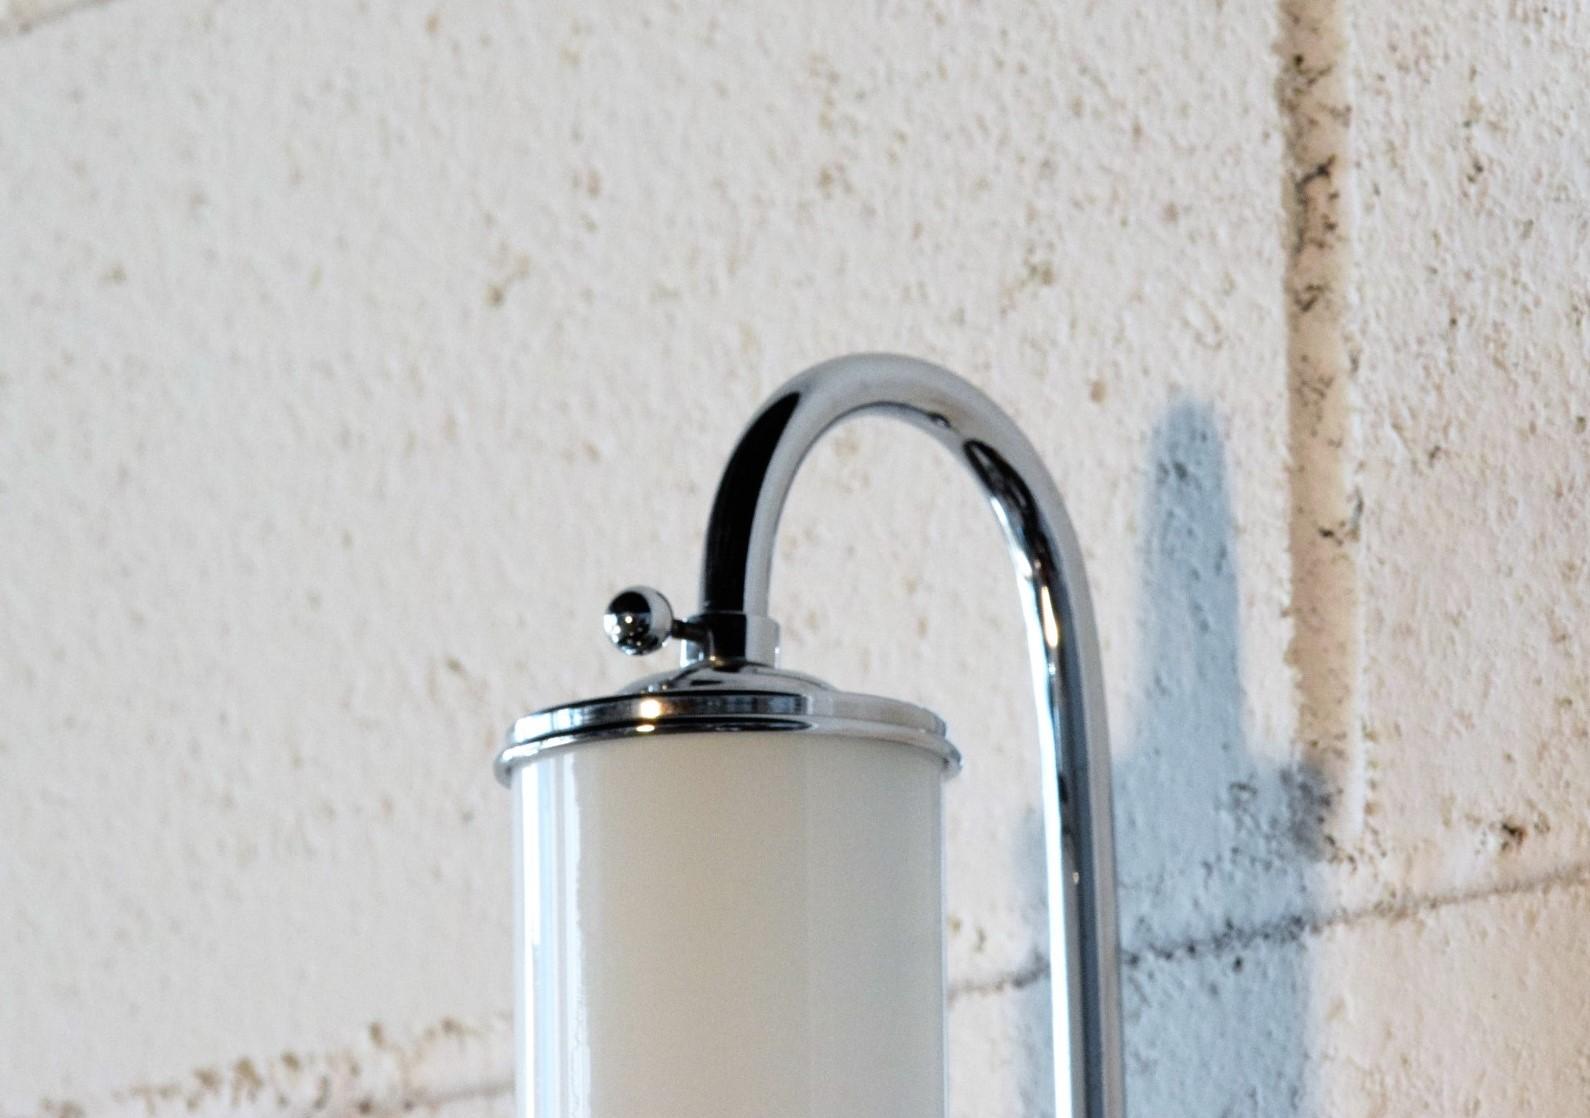 Lampade a parete applique da bagno stile inglese rossi